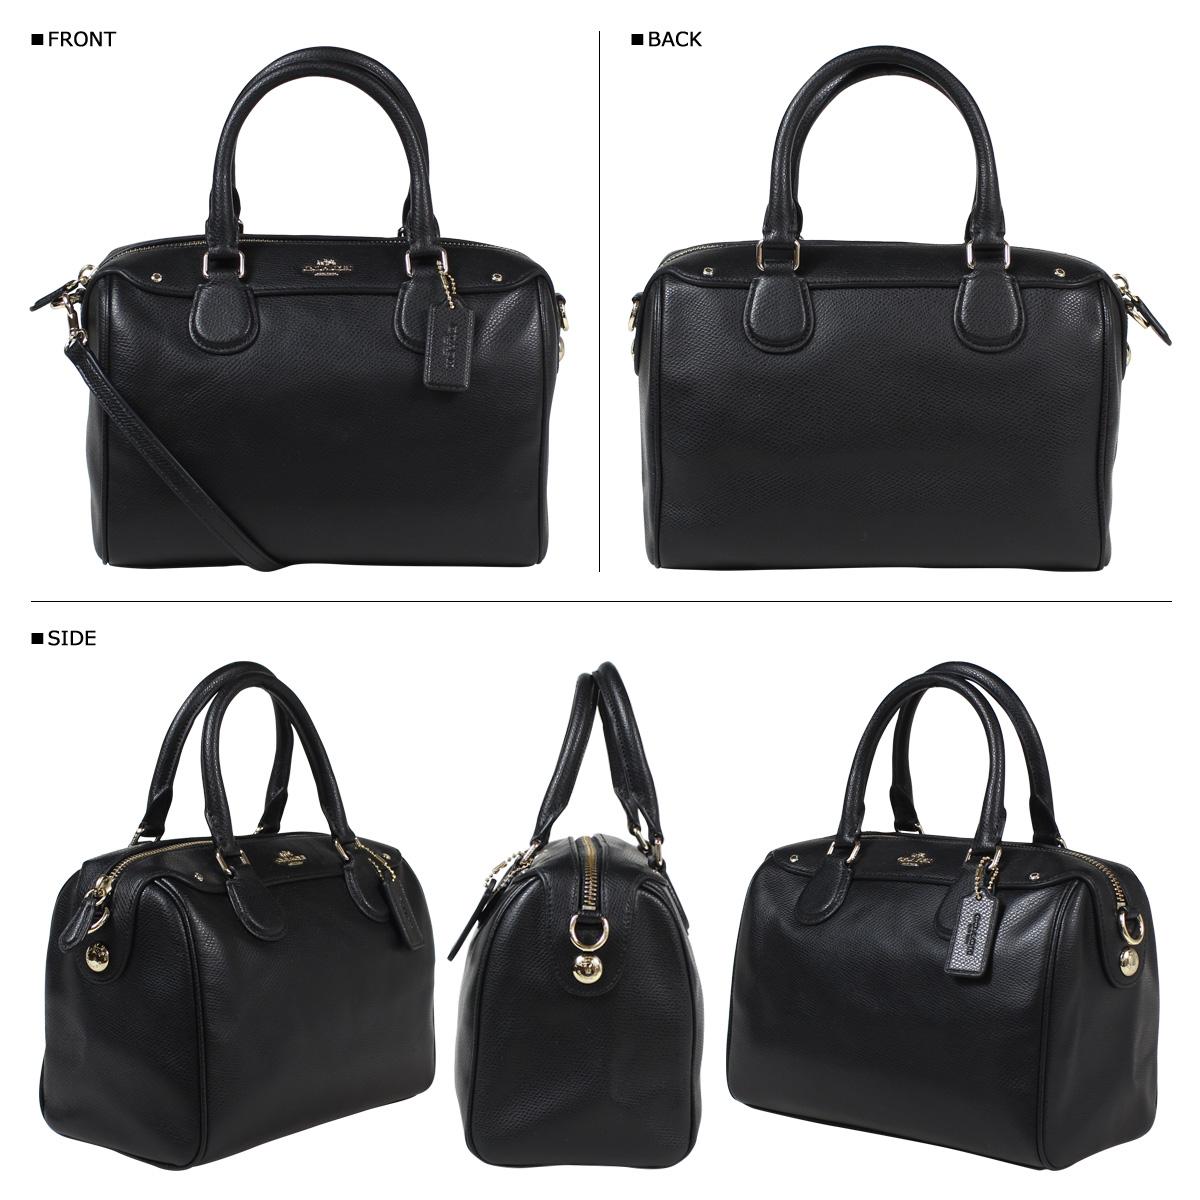 Túi Coach Handbag Black Women's F36624 IMBLK - Chính hãng